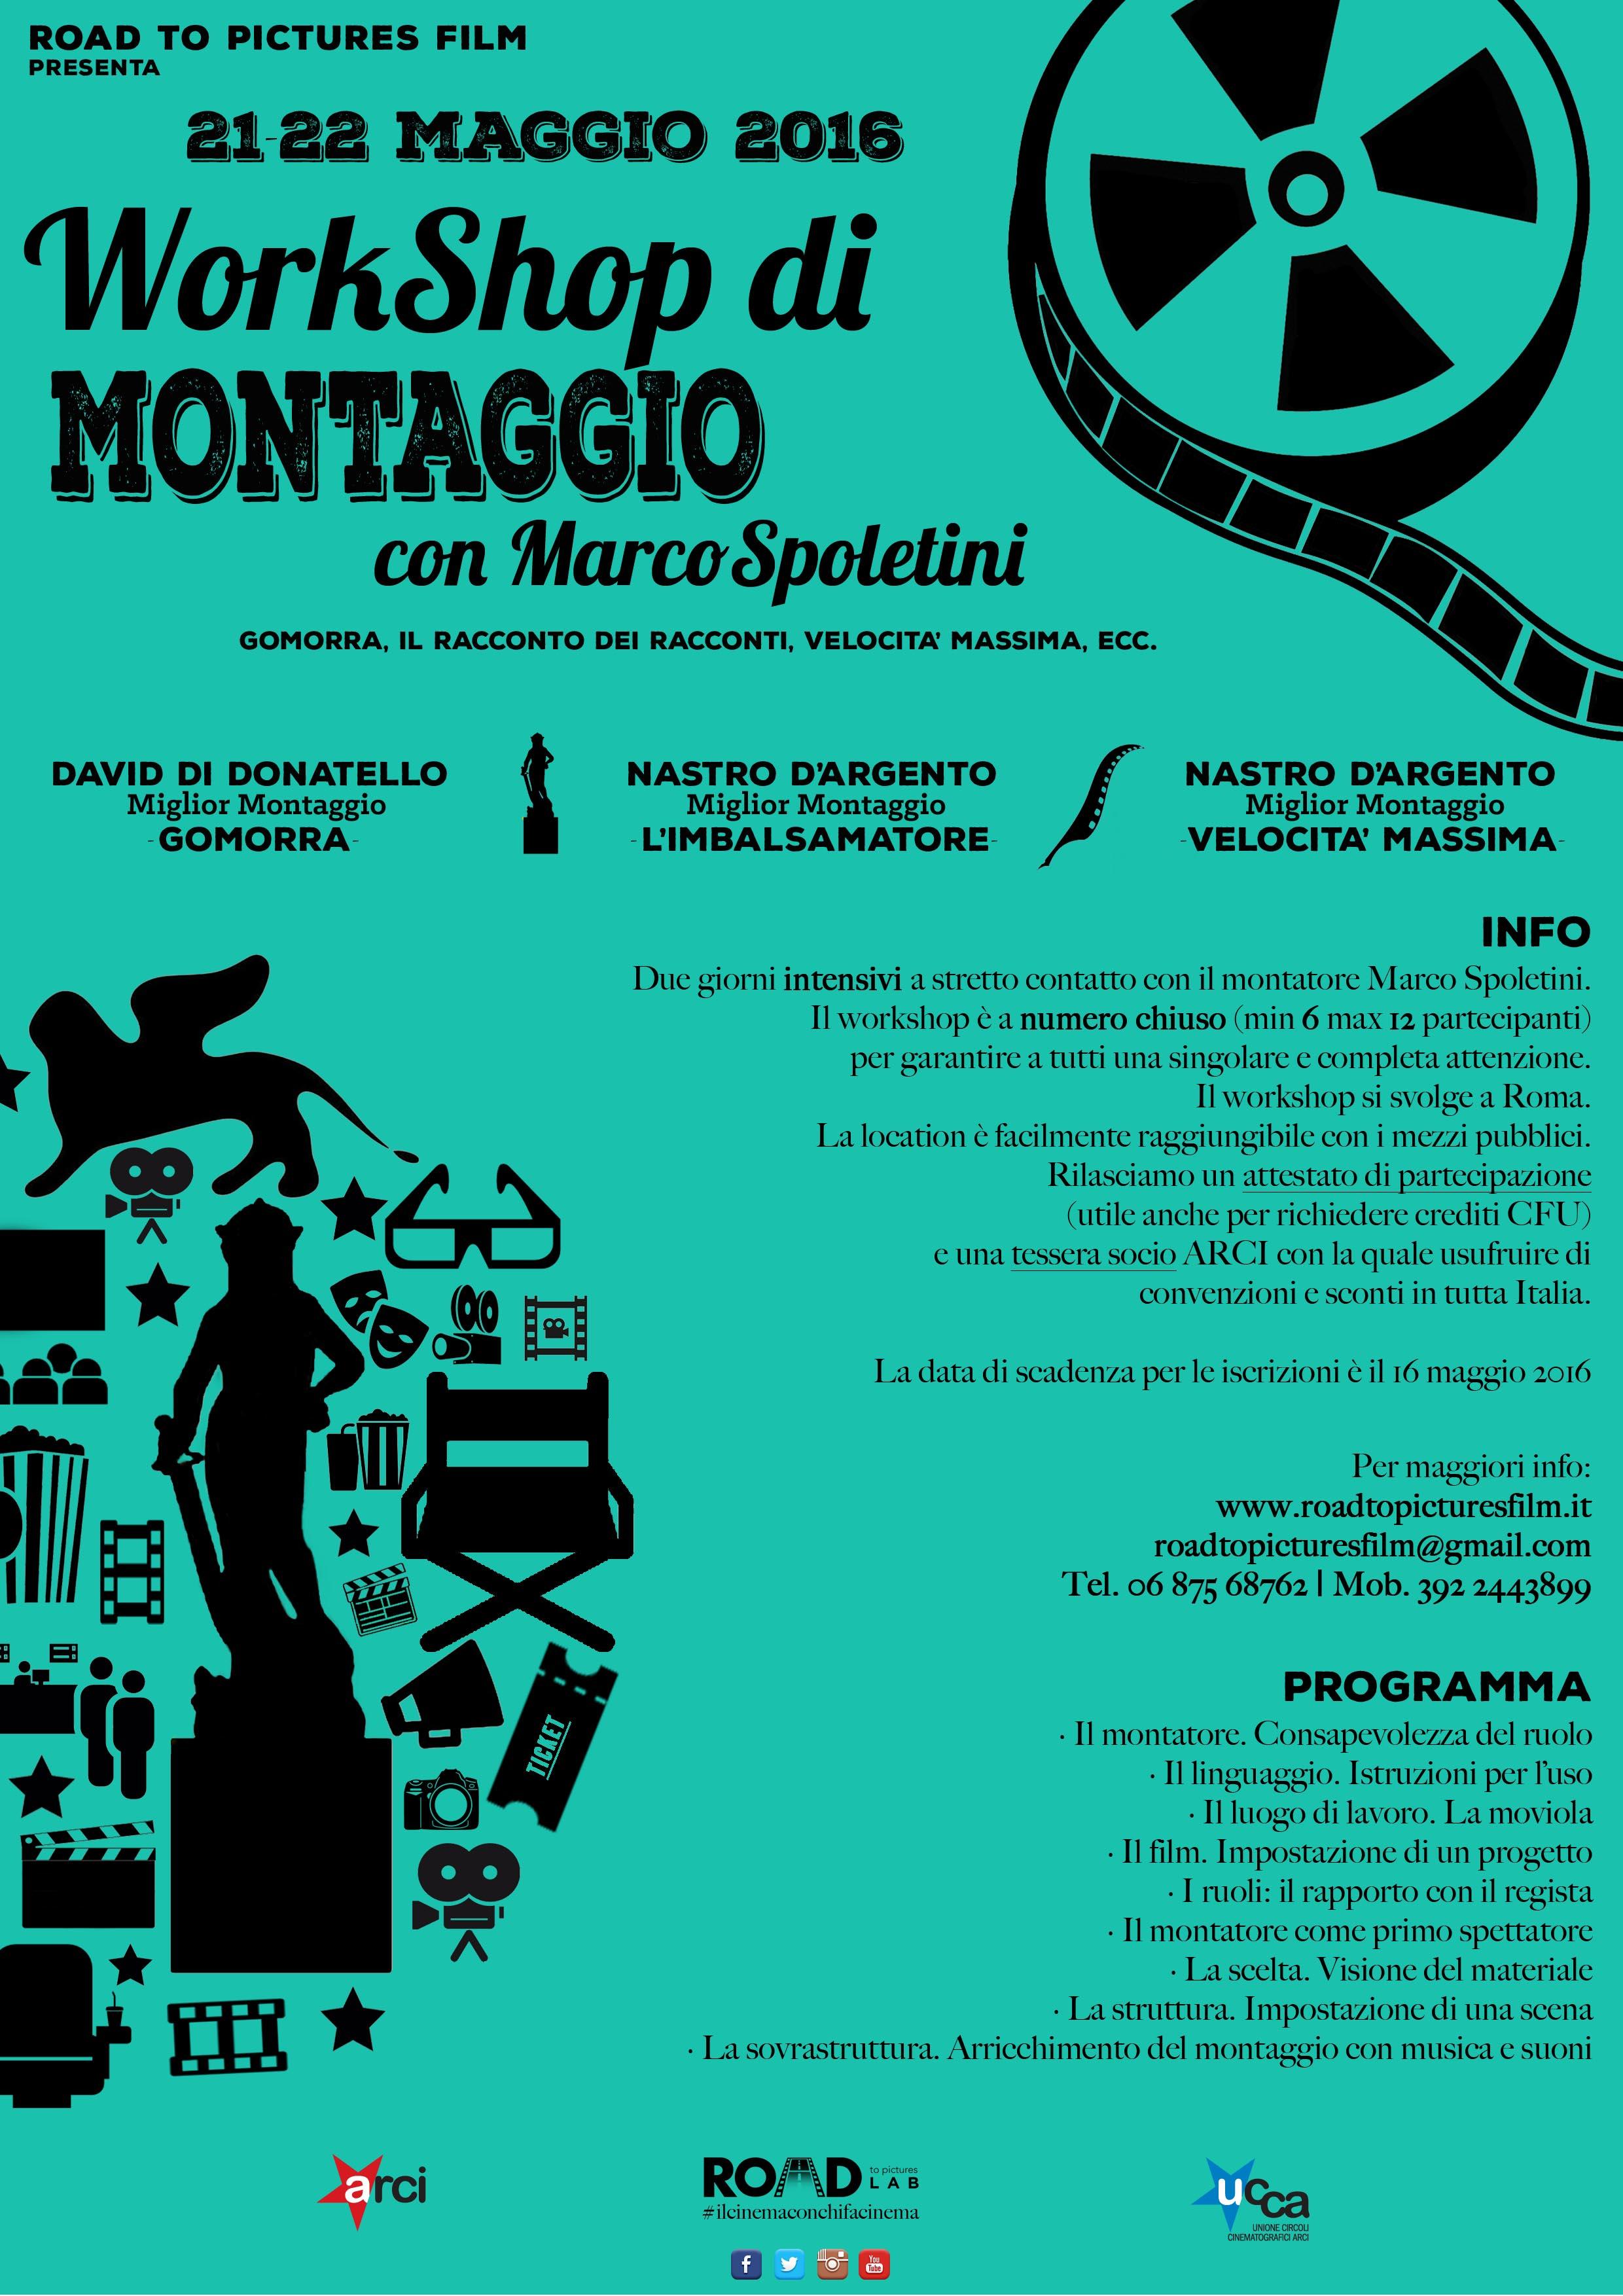 LOC_MONTAGGIO_magg2016